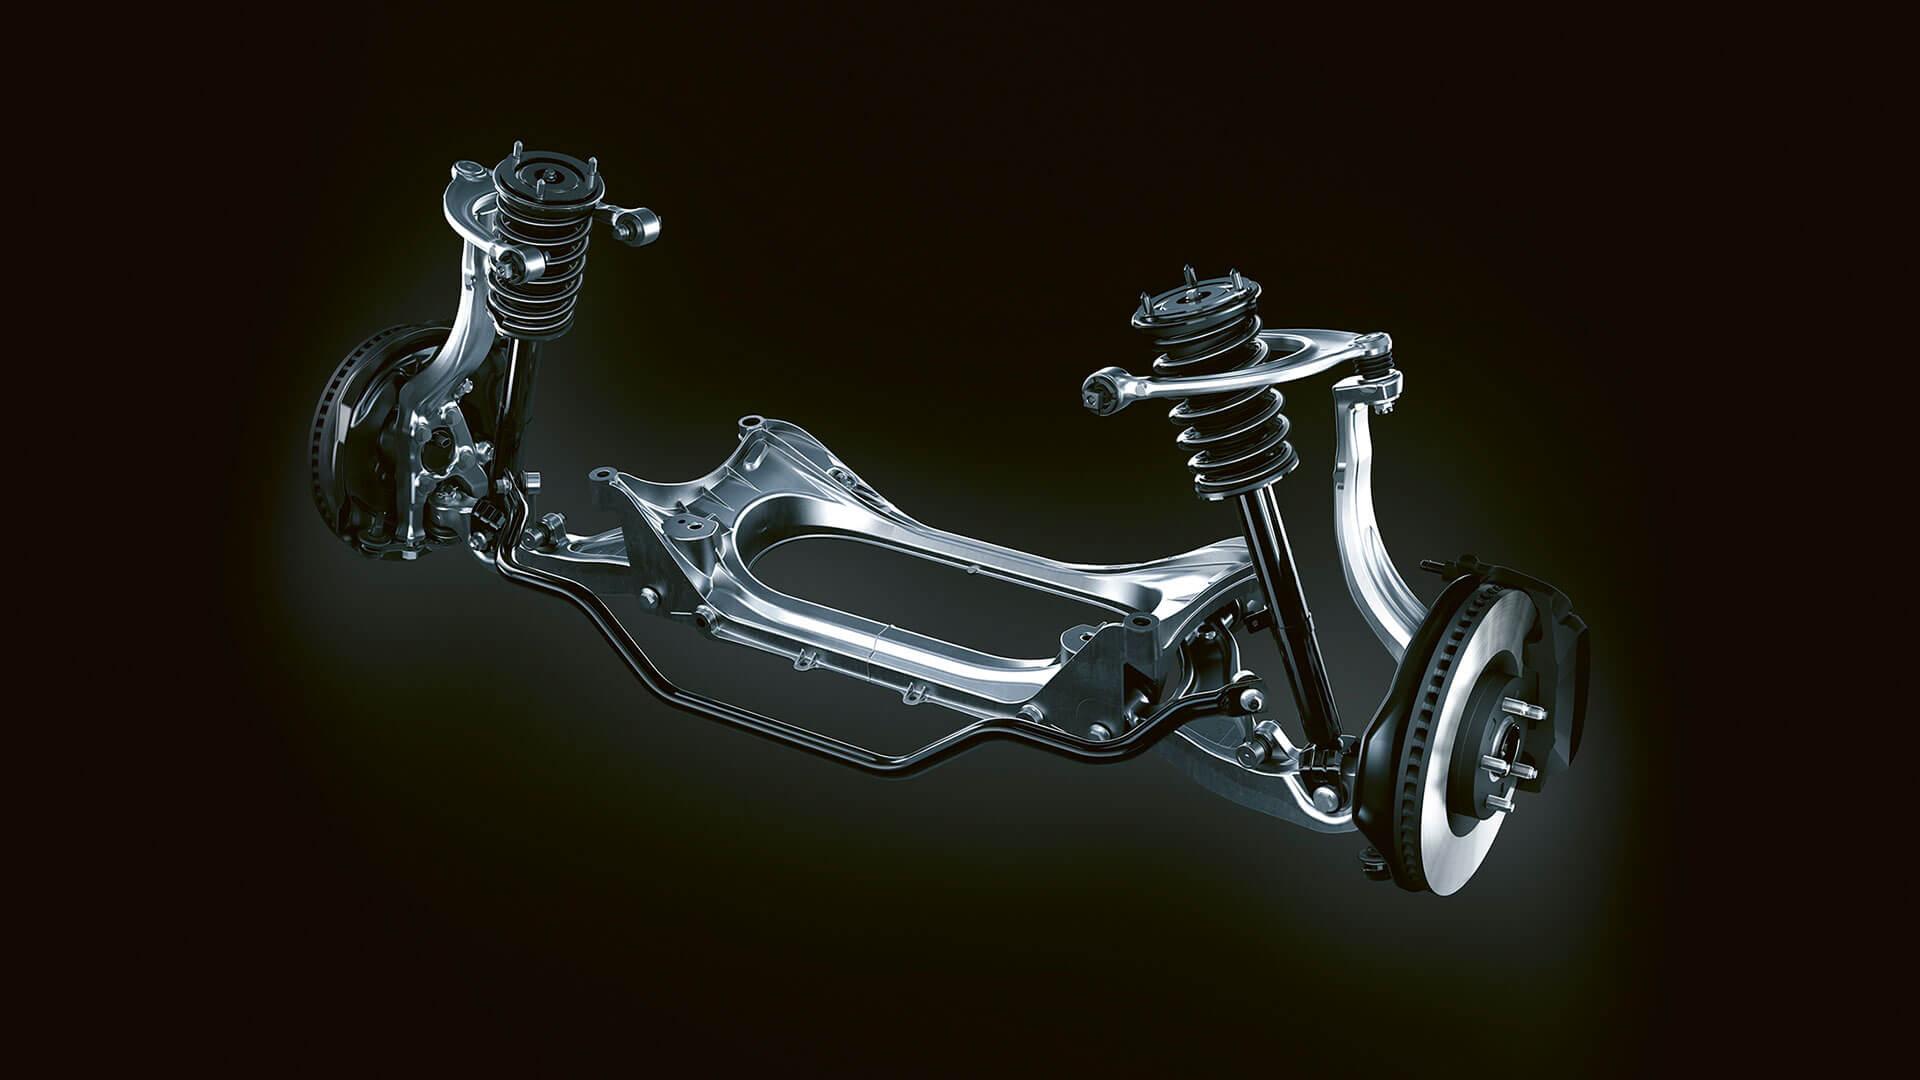 2018 lexus rc hotspot front suspension